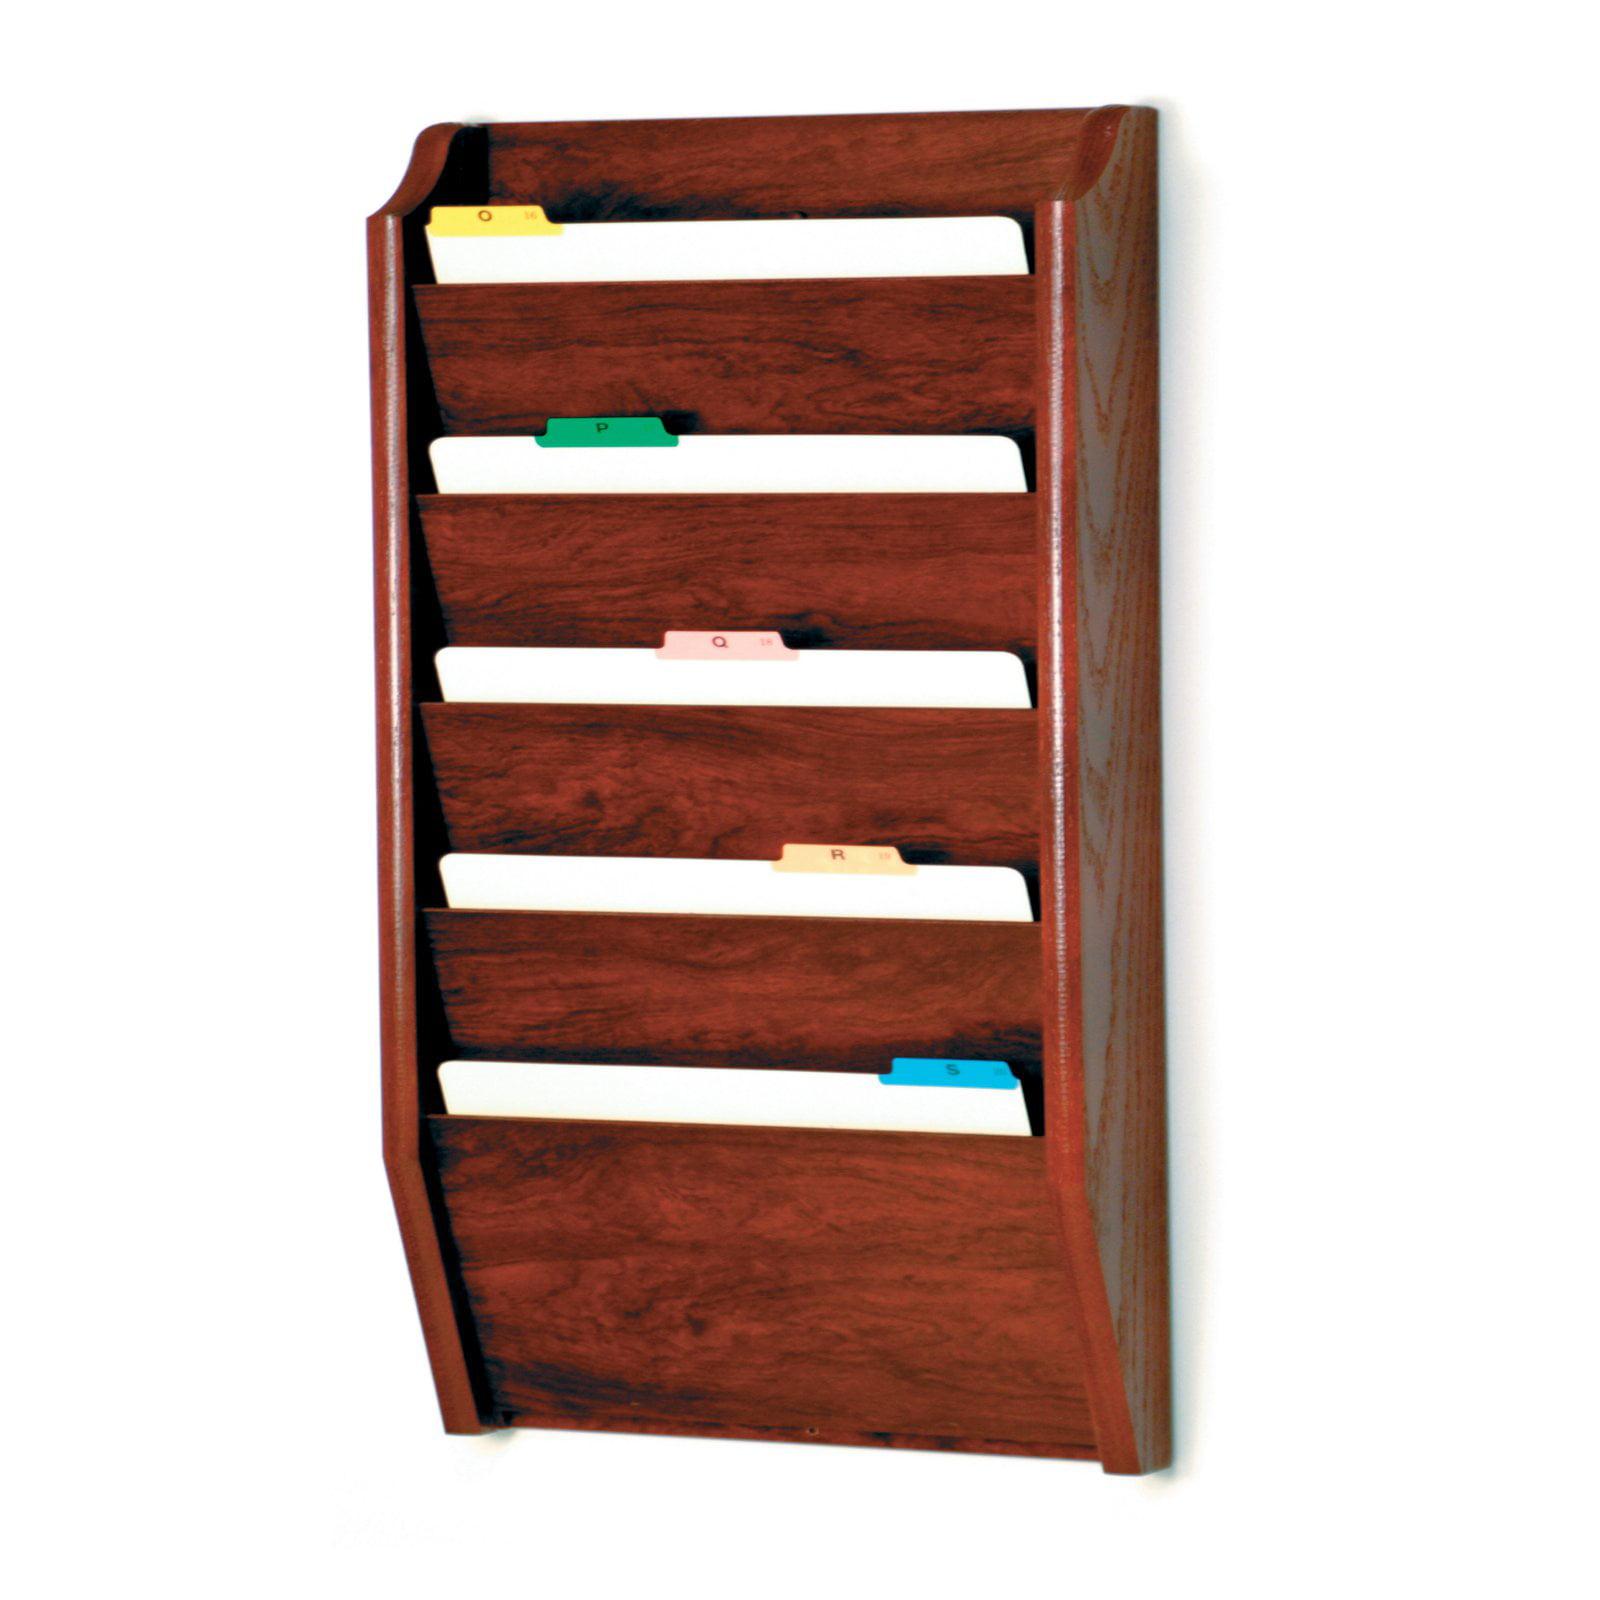 Wooden Mallet 5 Pocket Legal Size File Holder